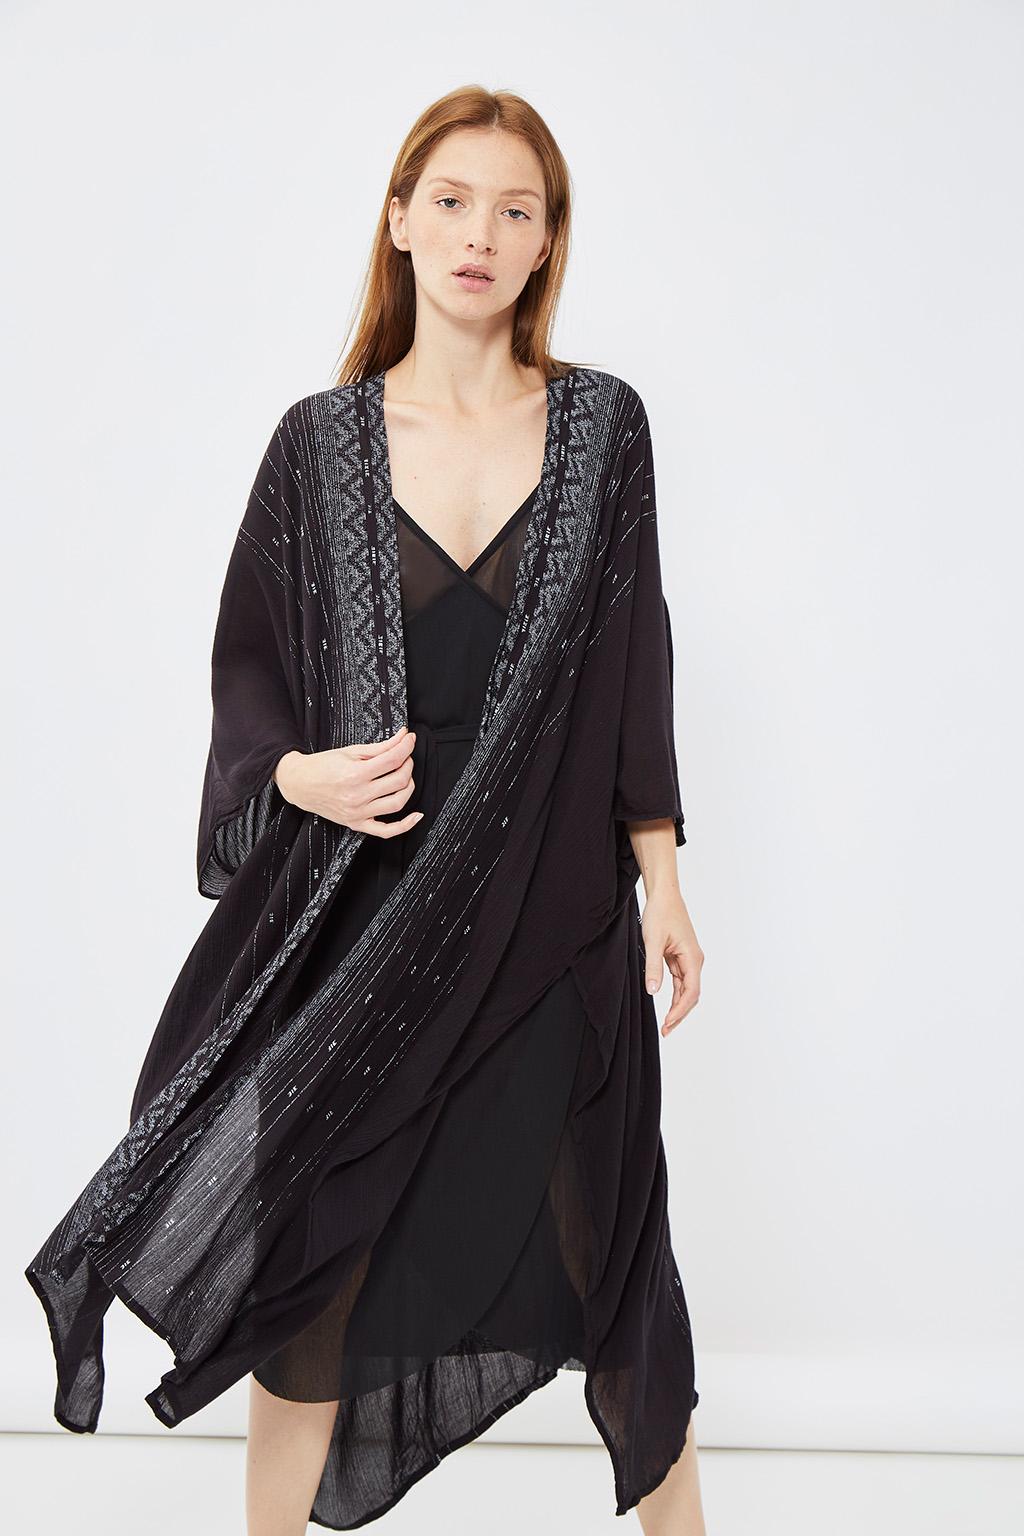 Vente privée femme Oysho lingerie, homewear et sport, gilet de nuit noir